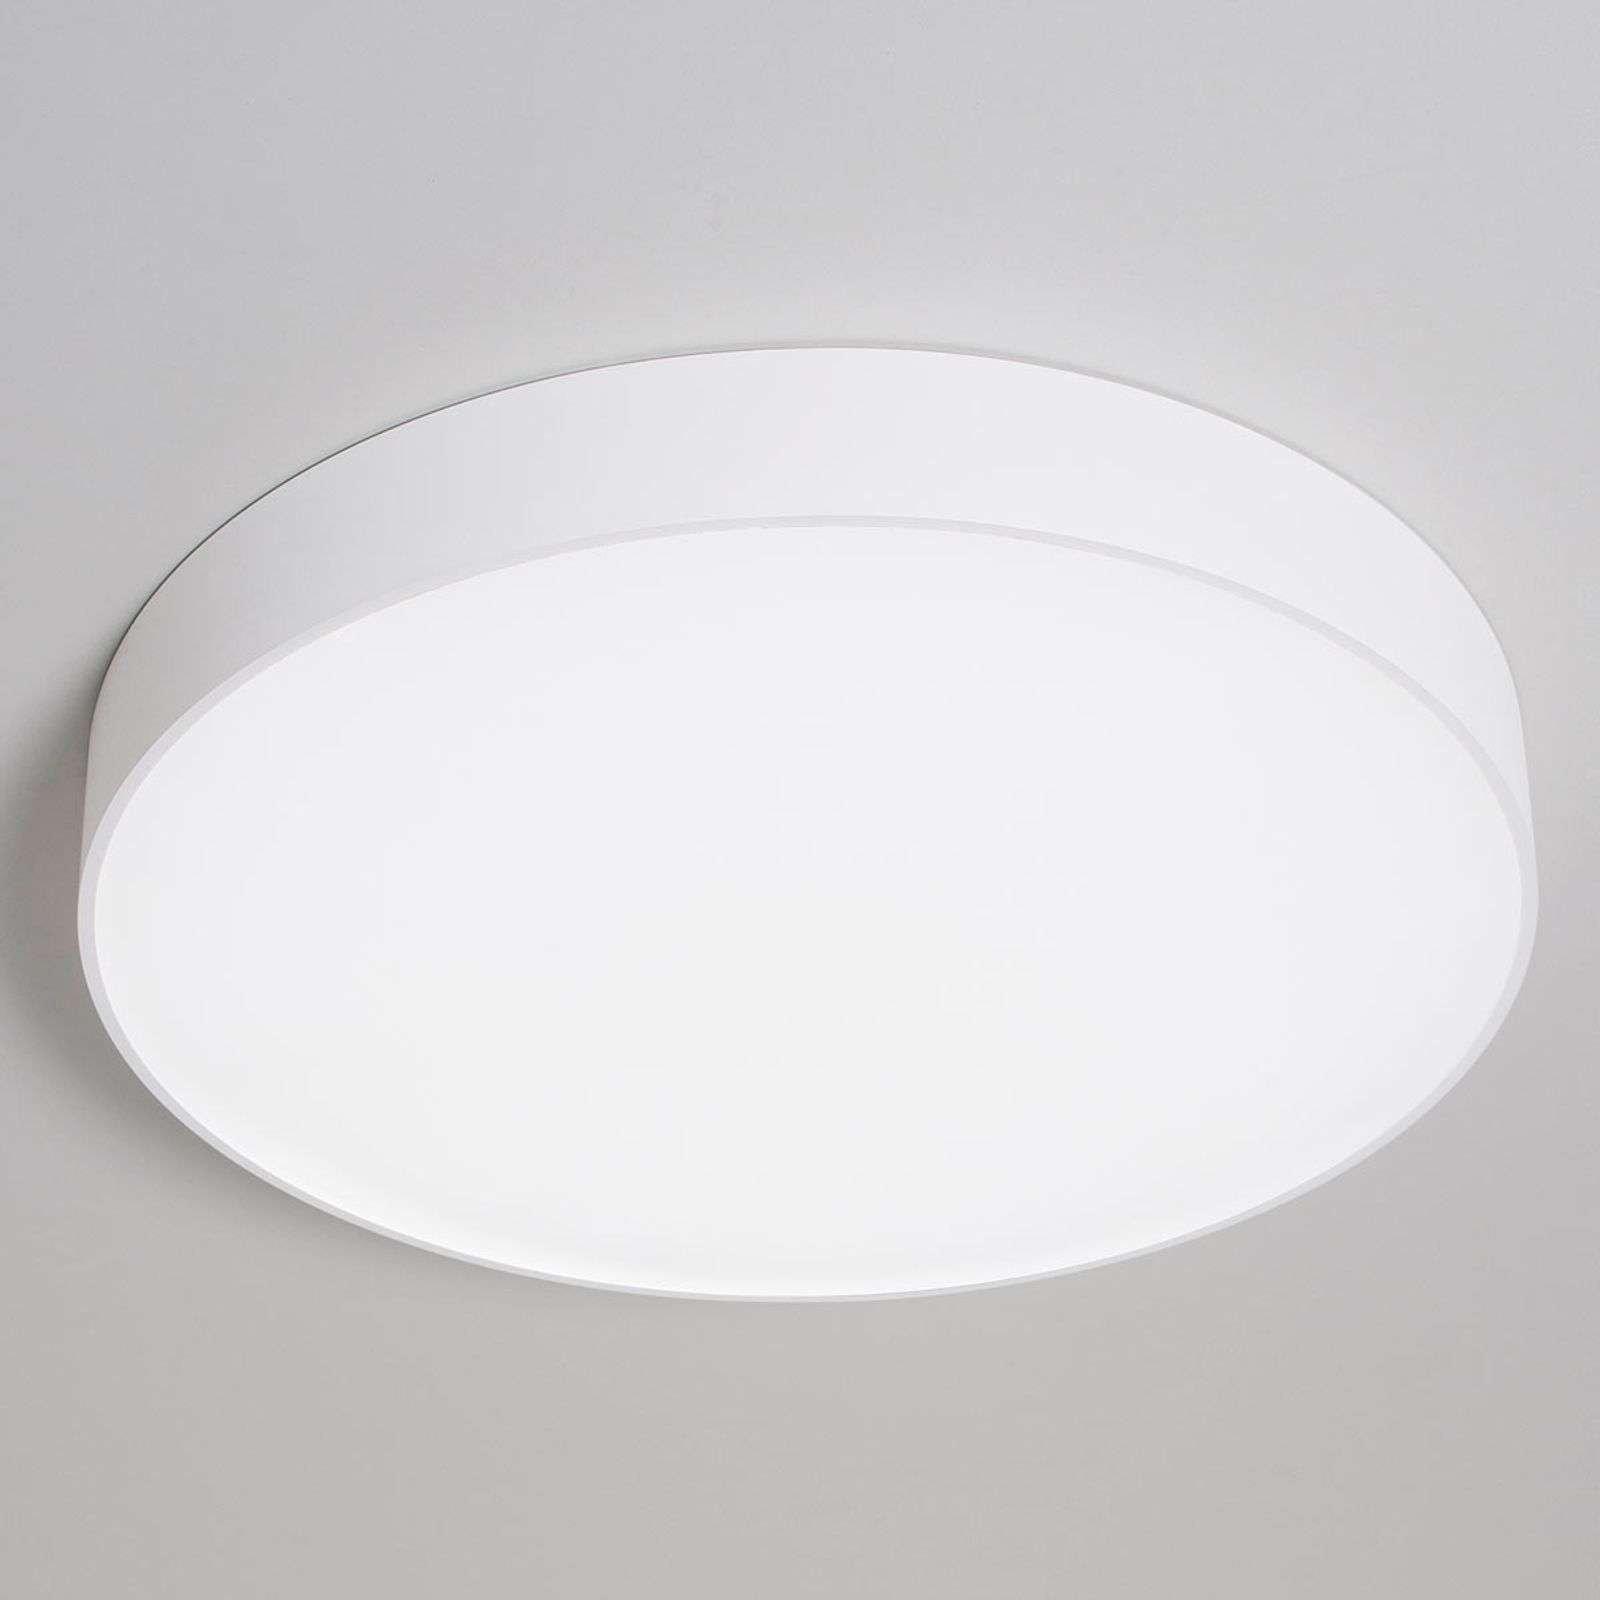 Bado SD LED ceiling light    60 cm  white  4 000 K